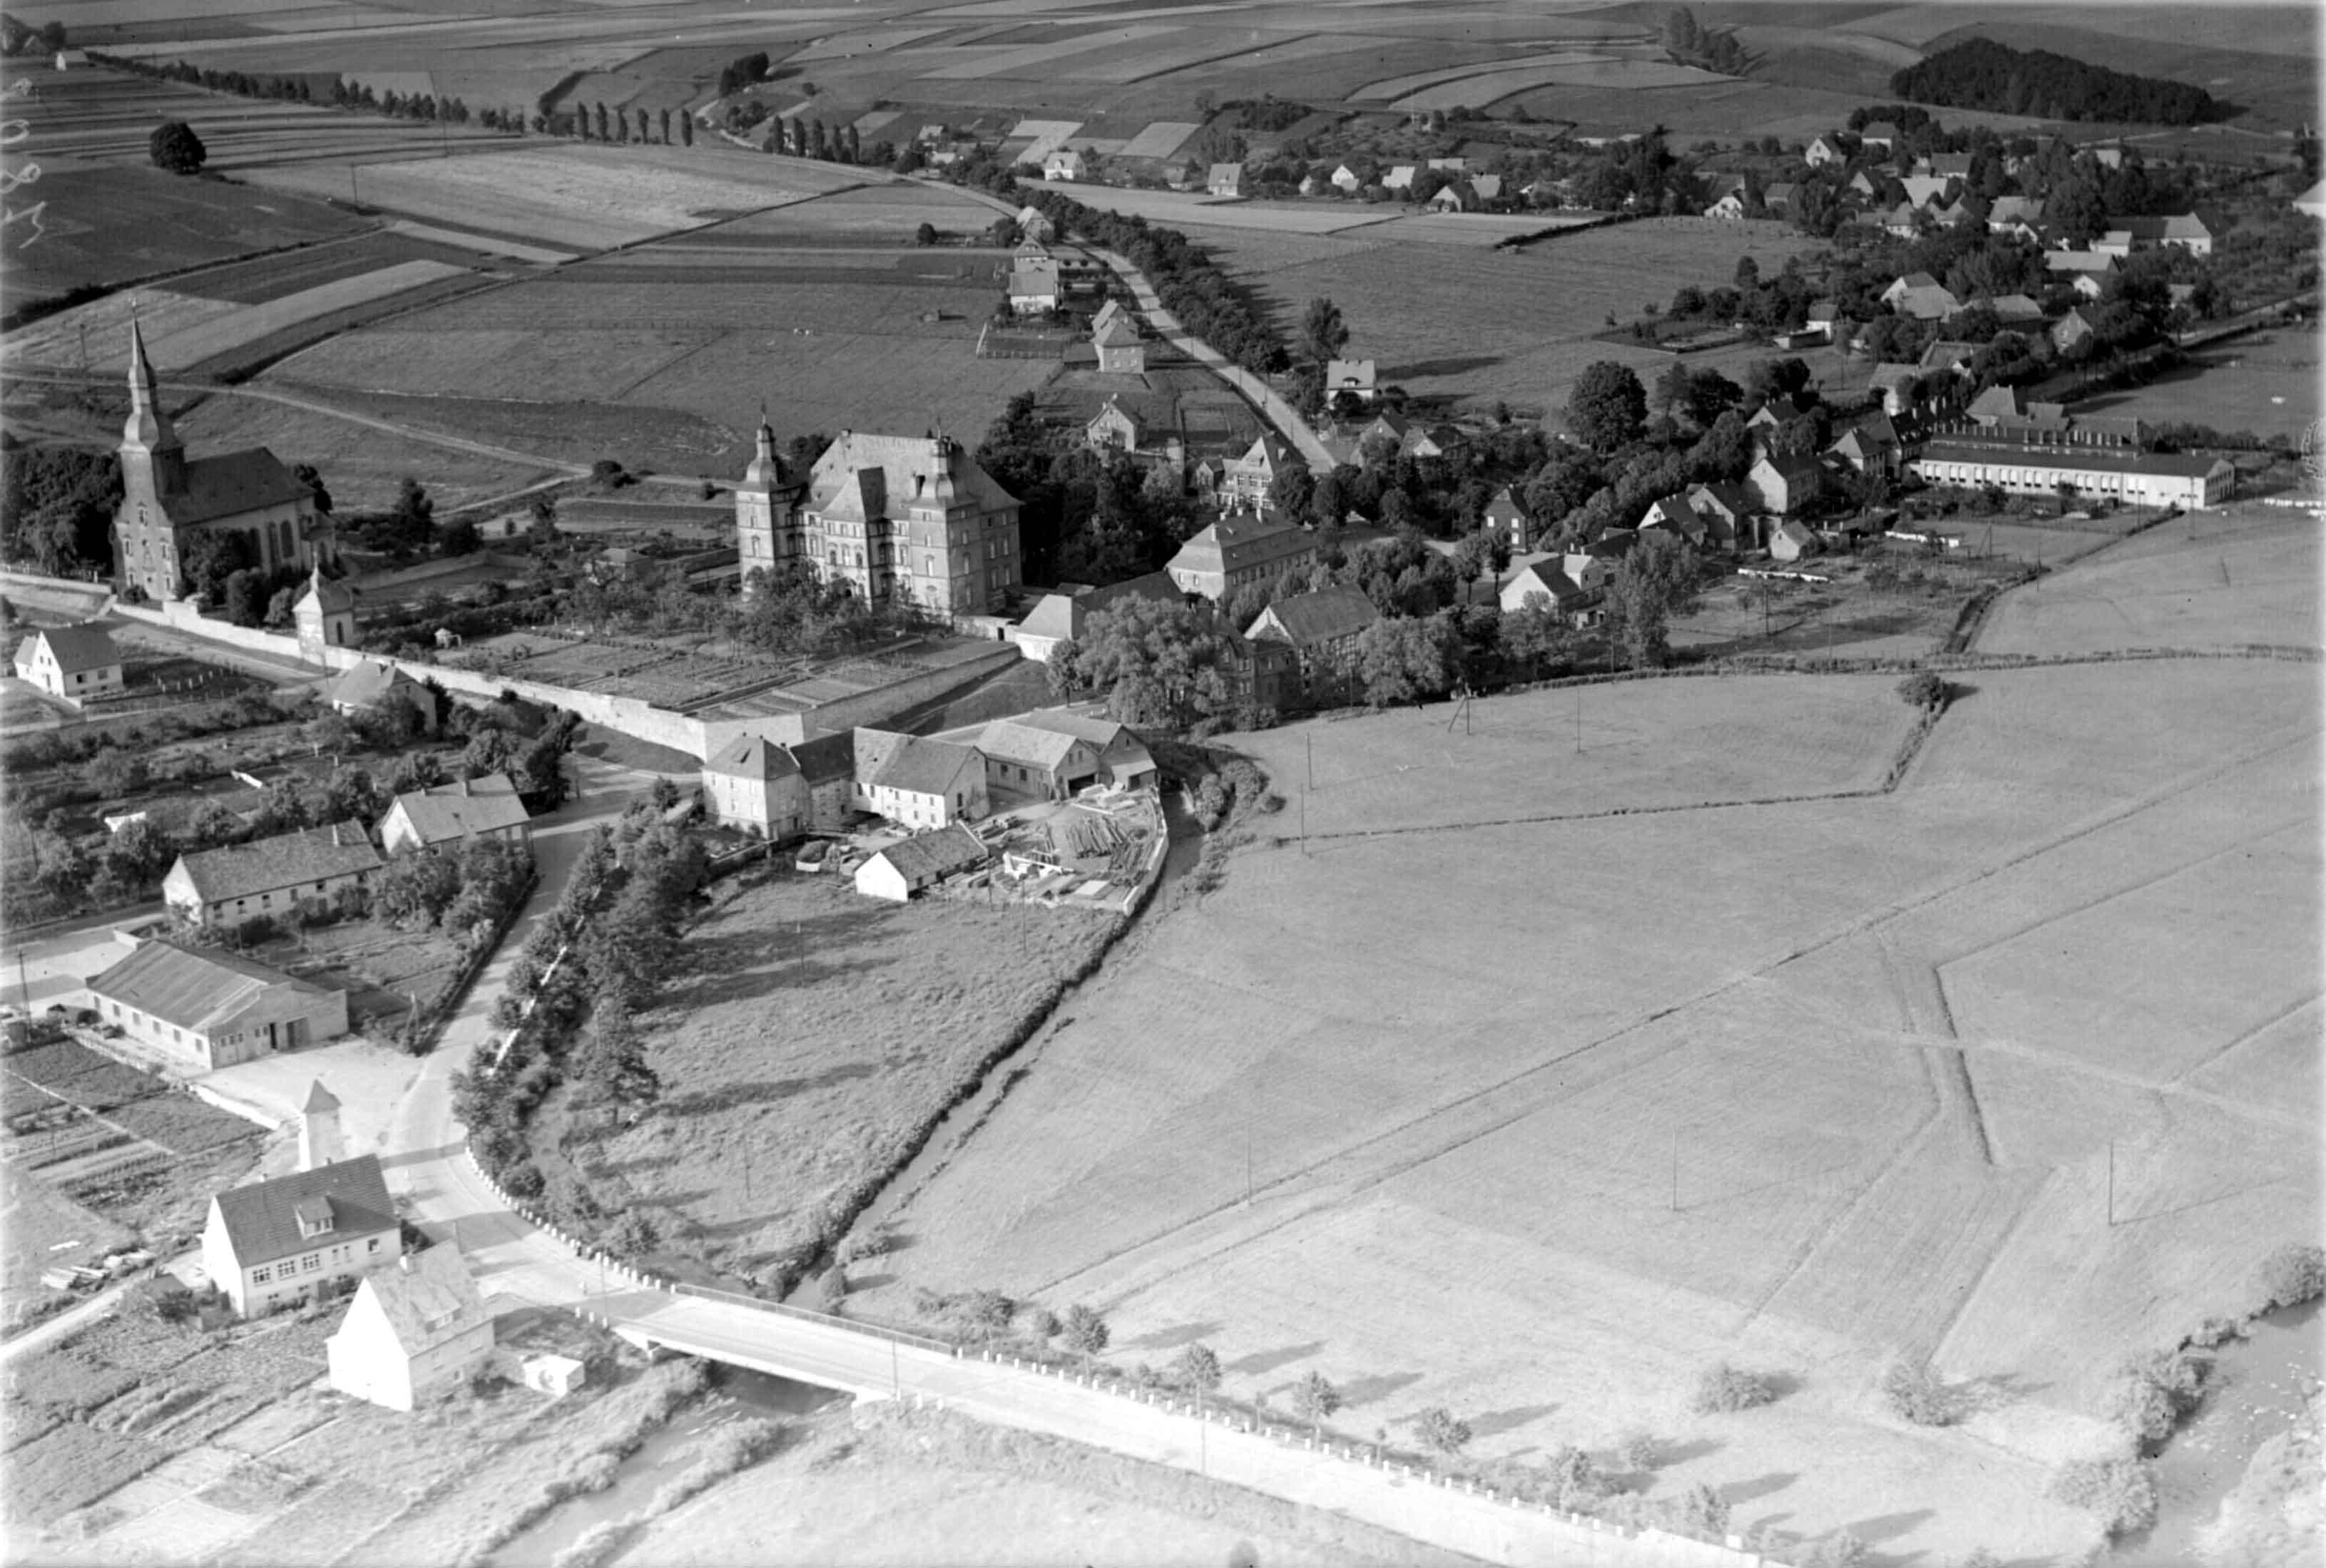 """Das Luftbild aus dem Jahr 1952 mit Blickrichtung Nord-Ost bietet einen sehr guten Überblick über Sichtigvor. Der """"Damm"""" ist hier« noch in seiner ursprünglichen Form mit einer Böschung nach Westen erkennbar. An der Einmündung Jahnstraße - St.Georg-Straße ist noch das alte Stromhäuschen vor der Halle der Familie Richter zu erkennen. Auf den Möhnewiesen ist der ehemalige Fußweg von der Römerstraße zur Mühle schwach sichtbar. Die Gärten des Schlosses Mülheim zeigen sich in ihrer vollen Pracht im Zentrum des Bildes. Die Neue-Straße ist zu diesem Zeitpunkt nur spärlich bebaut."""